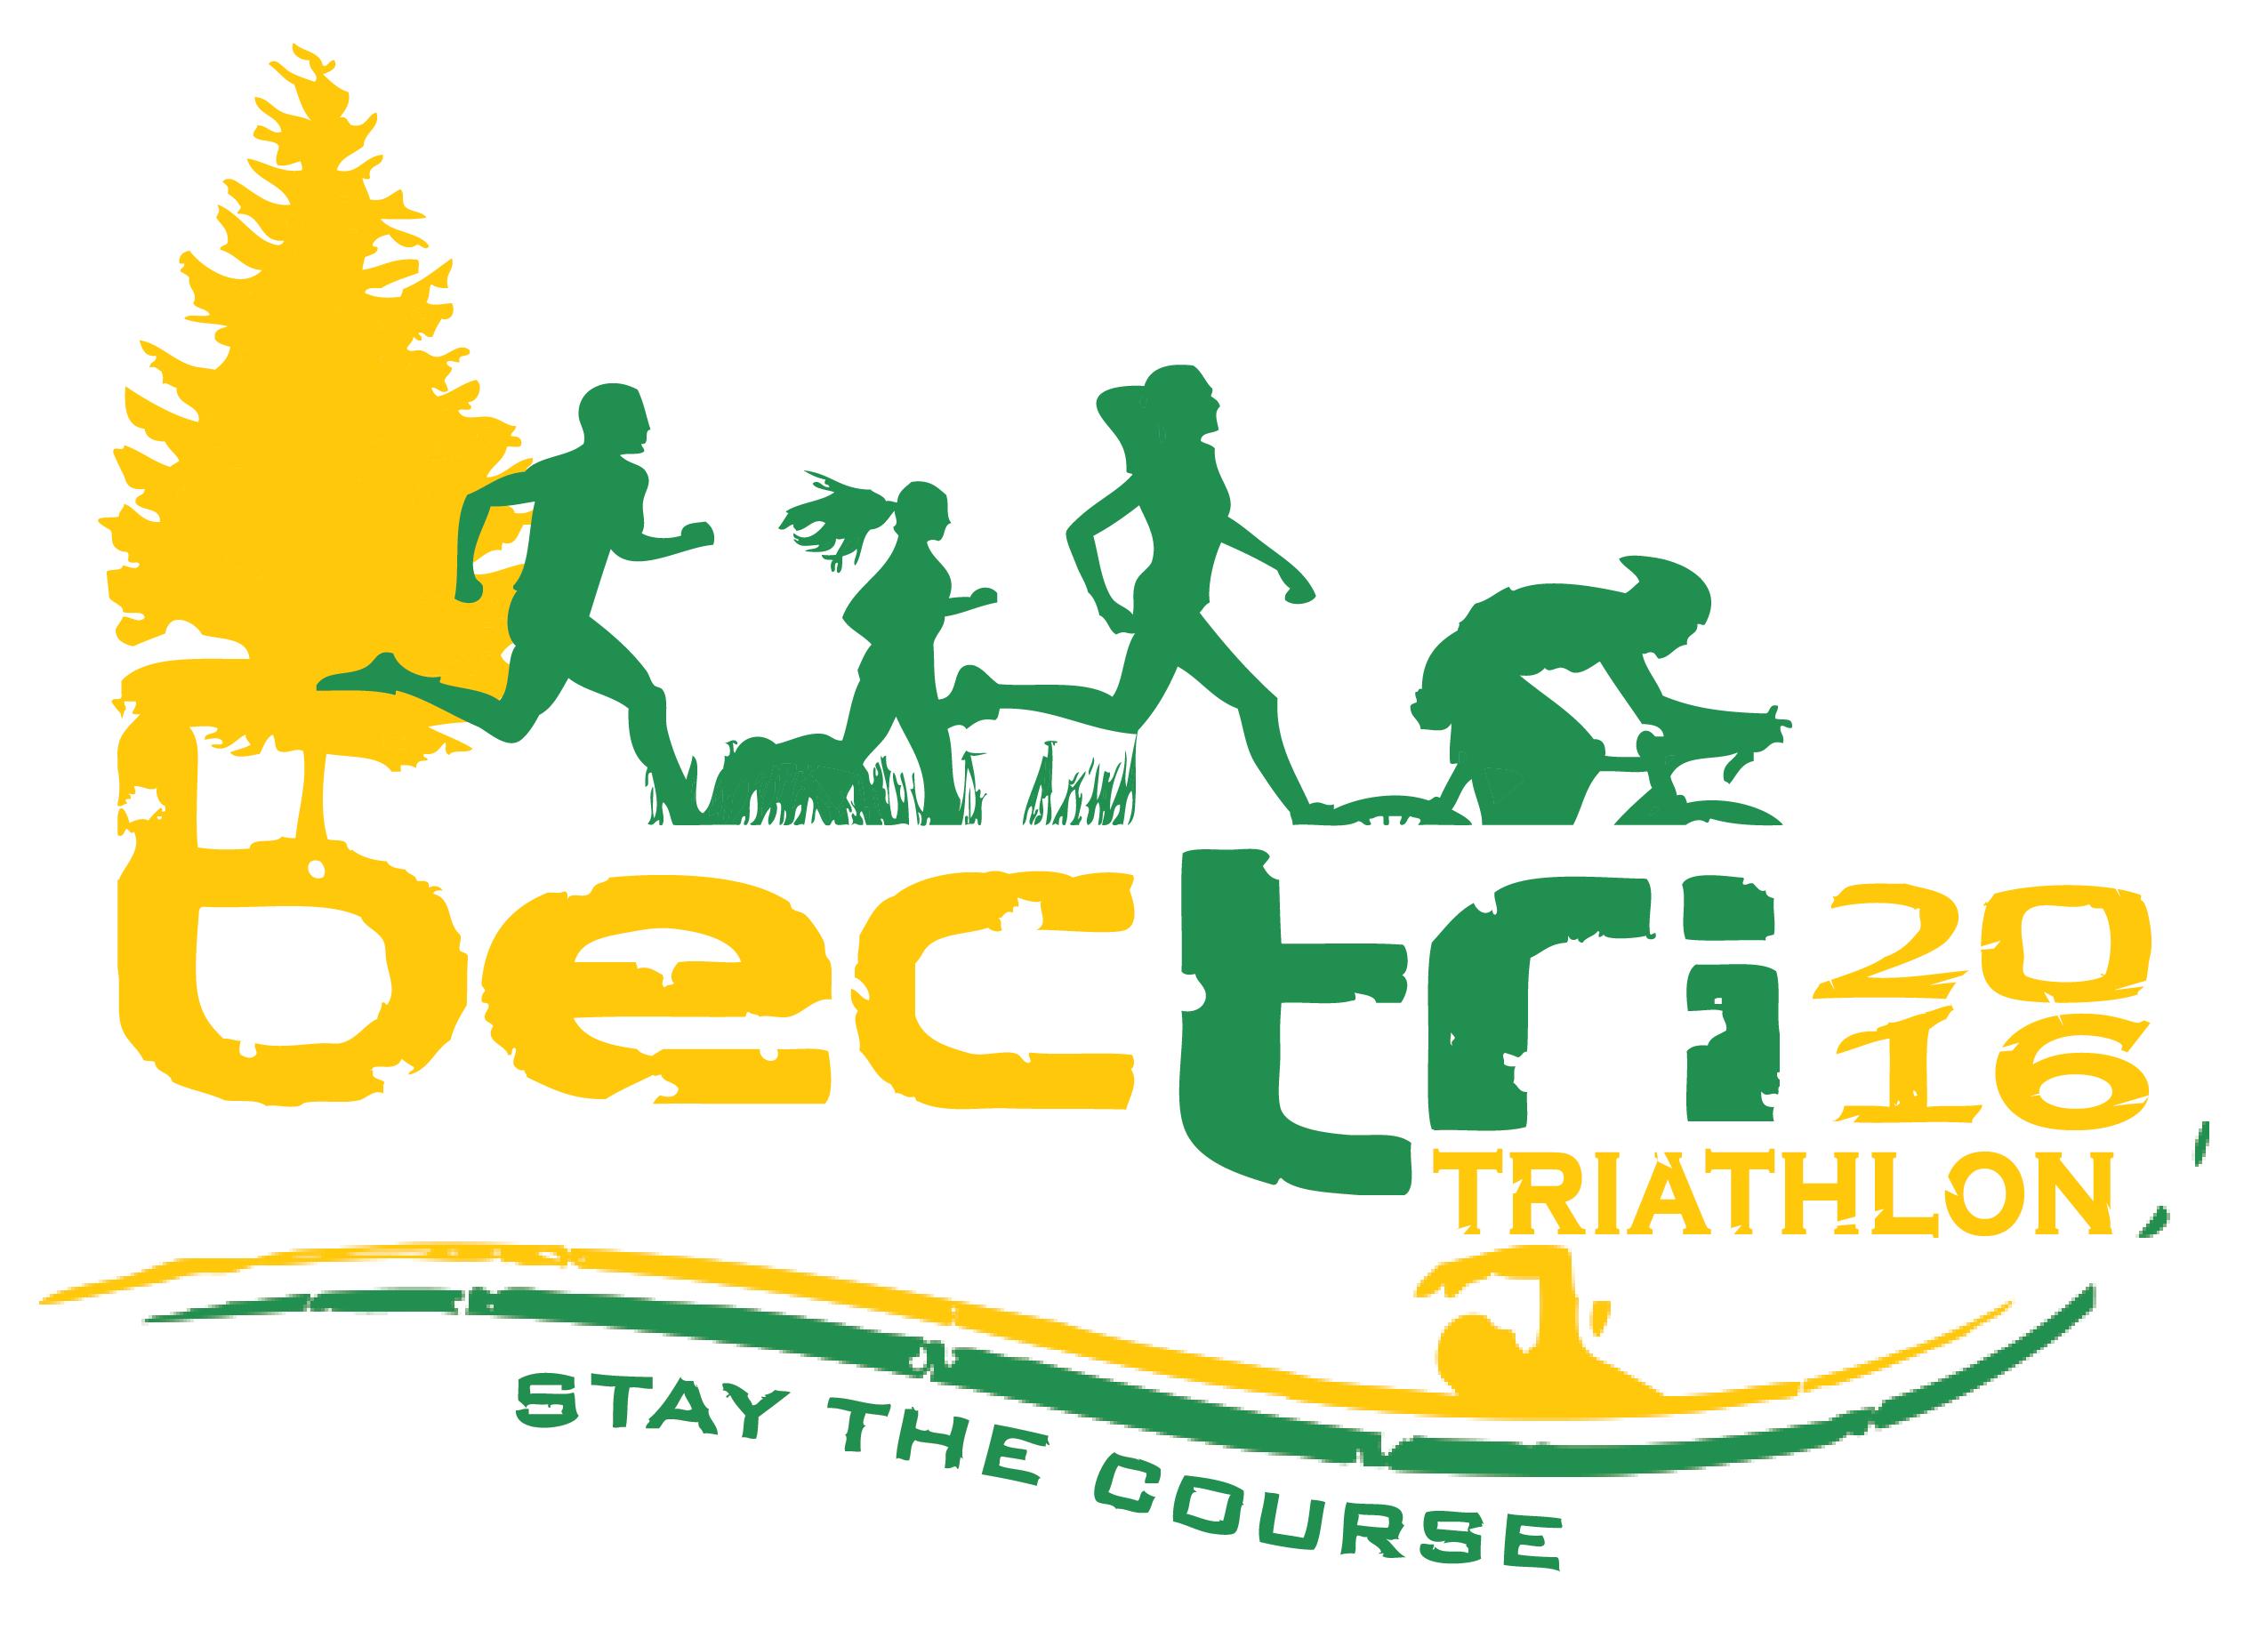 Bectri.logo.2016